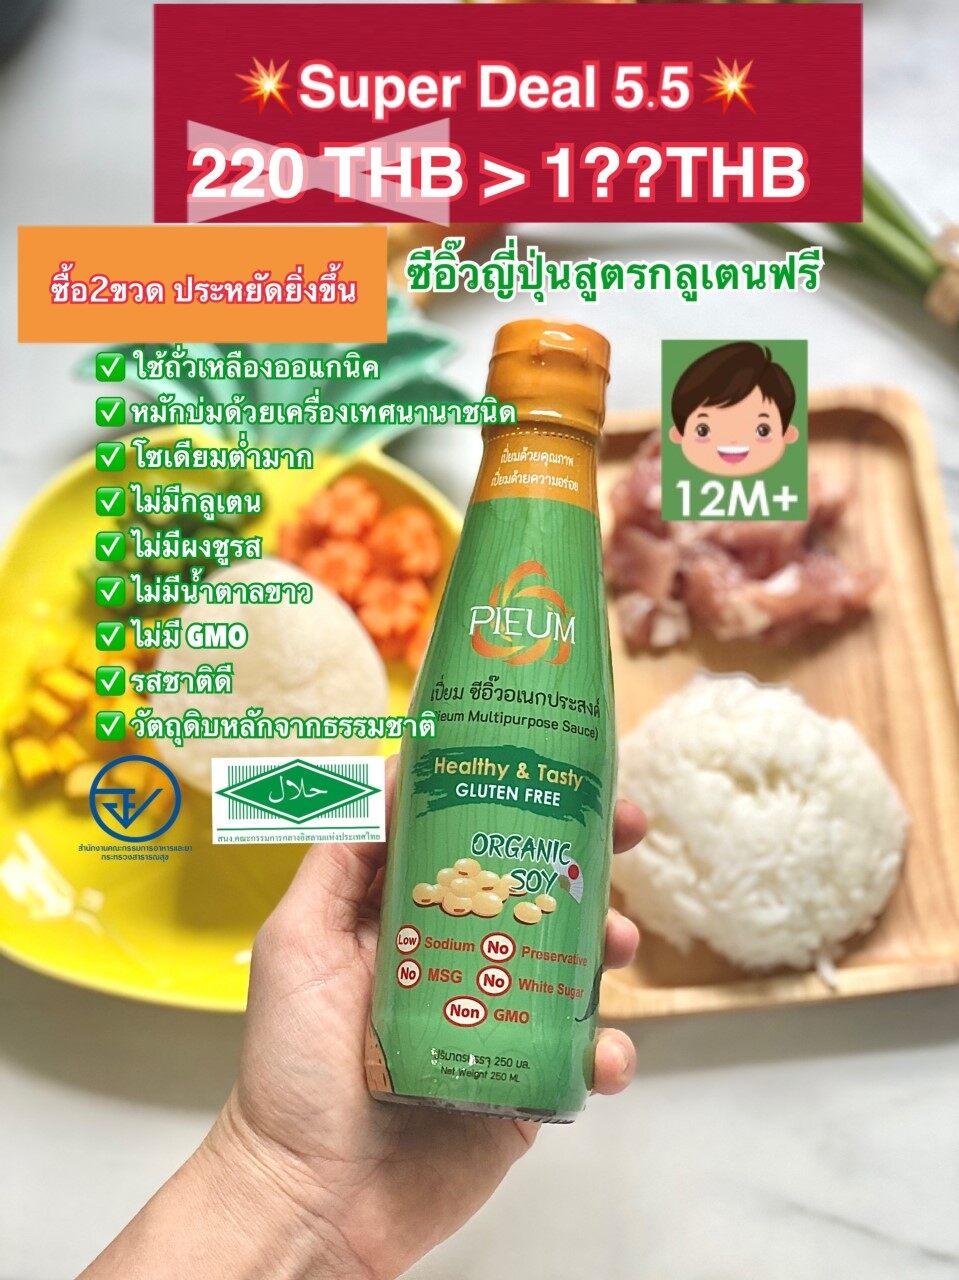 เปี่ยมพ์ ซีอิ๊วญี่ปุ่น ถั่วเหลืองออแกนิค สูตรกลูเตนฟรี( Pieum Multipurpose Sauce) 1 ขวด.